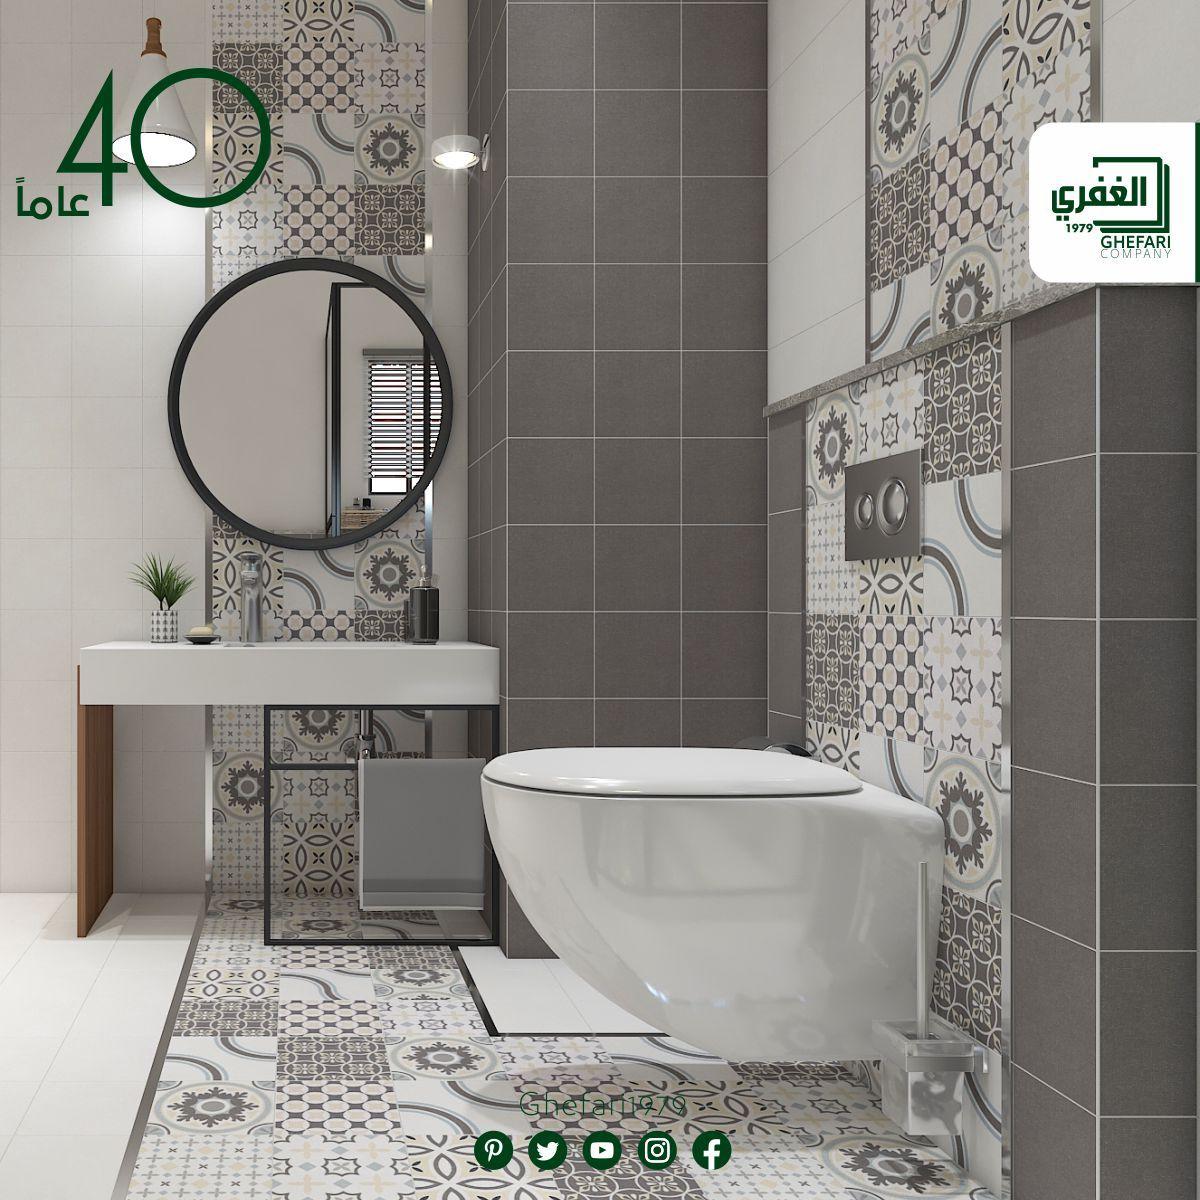 بورسلان ارضي حوائط حمامات مطبخ اسباني الصنع مقاس 20x20 ديكور 20x20 للمزيد زورونا على موقع الشركة Www Round Mirror Bathroom Bathroom Mirror Home Decor